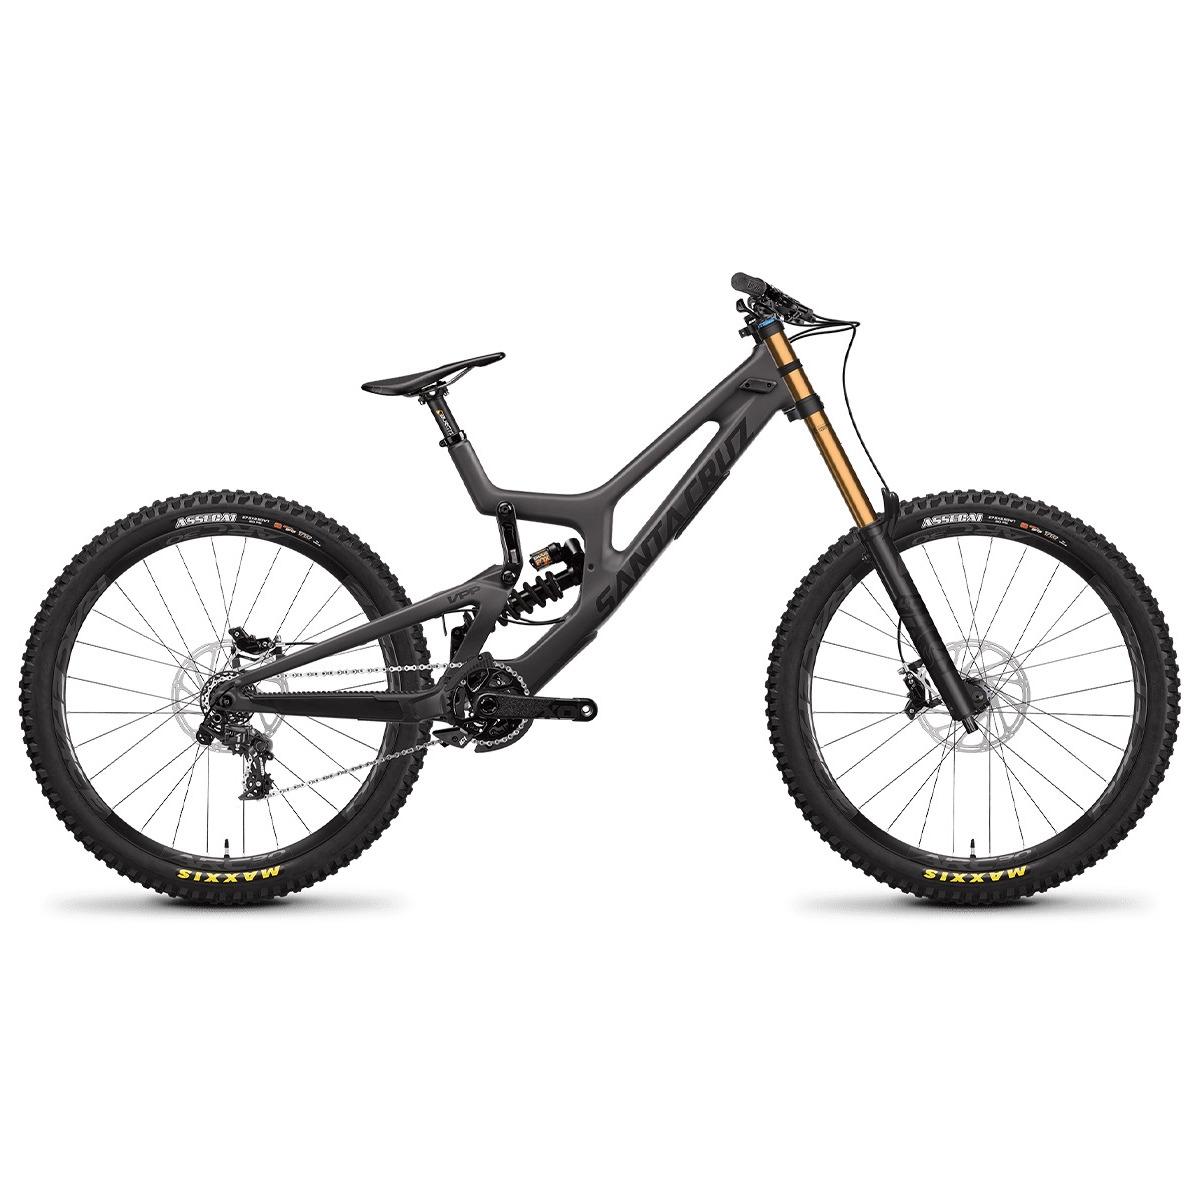 V10 Carbon CC DH X01 27.5